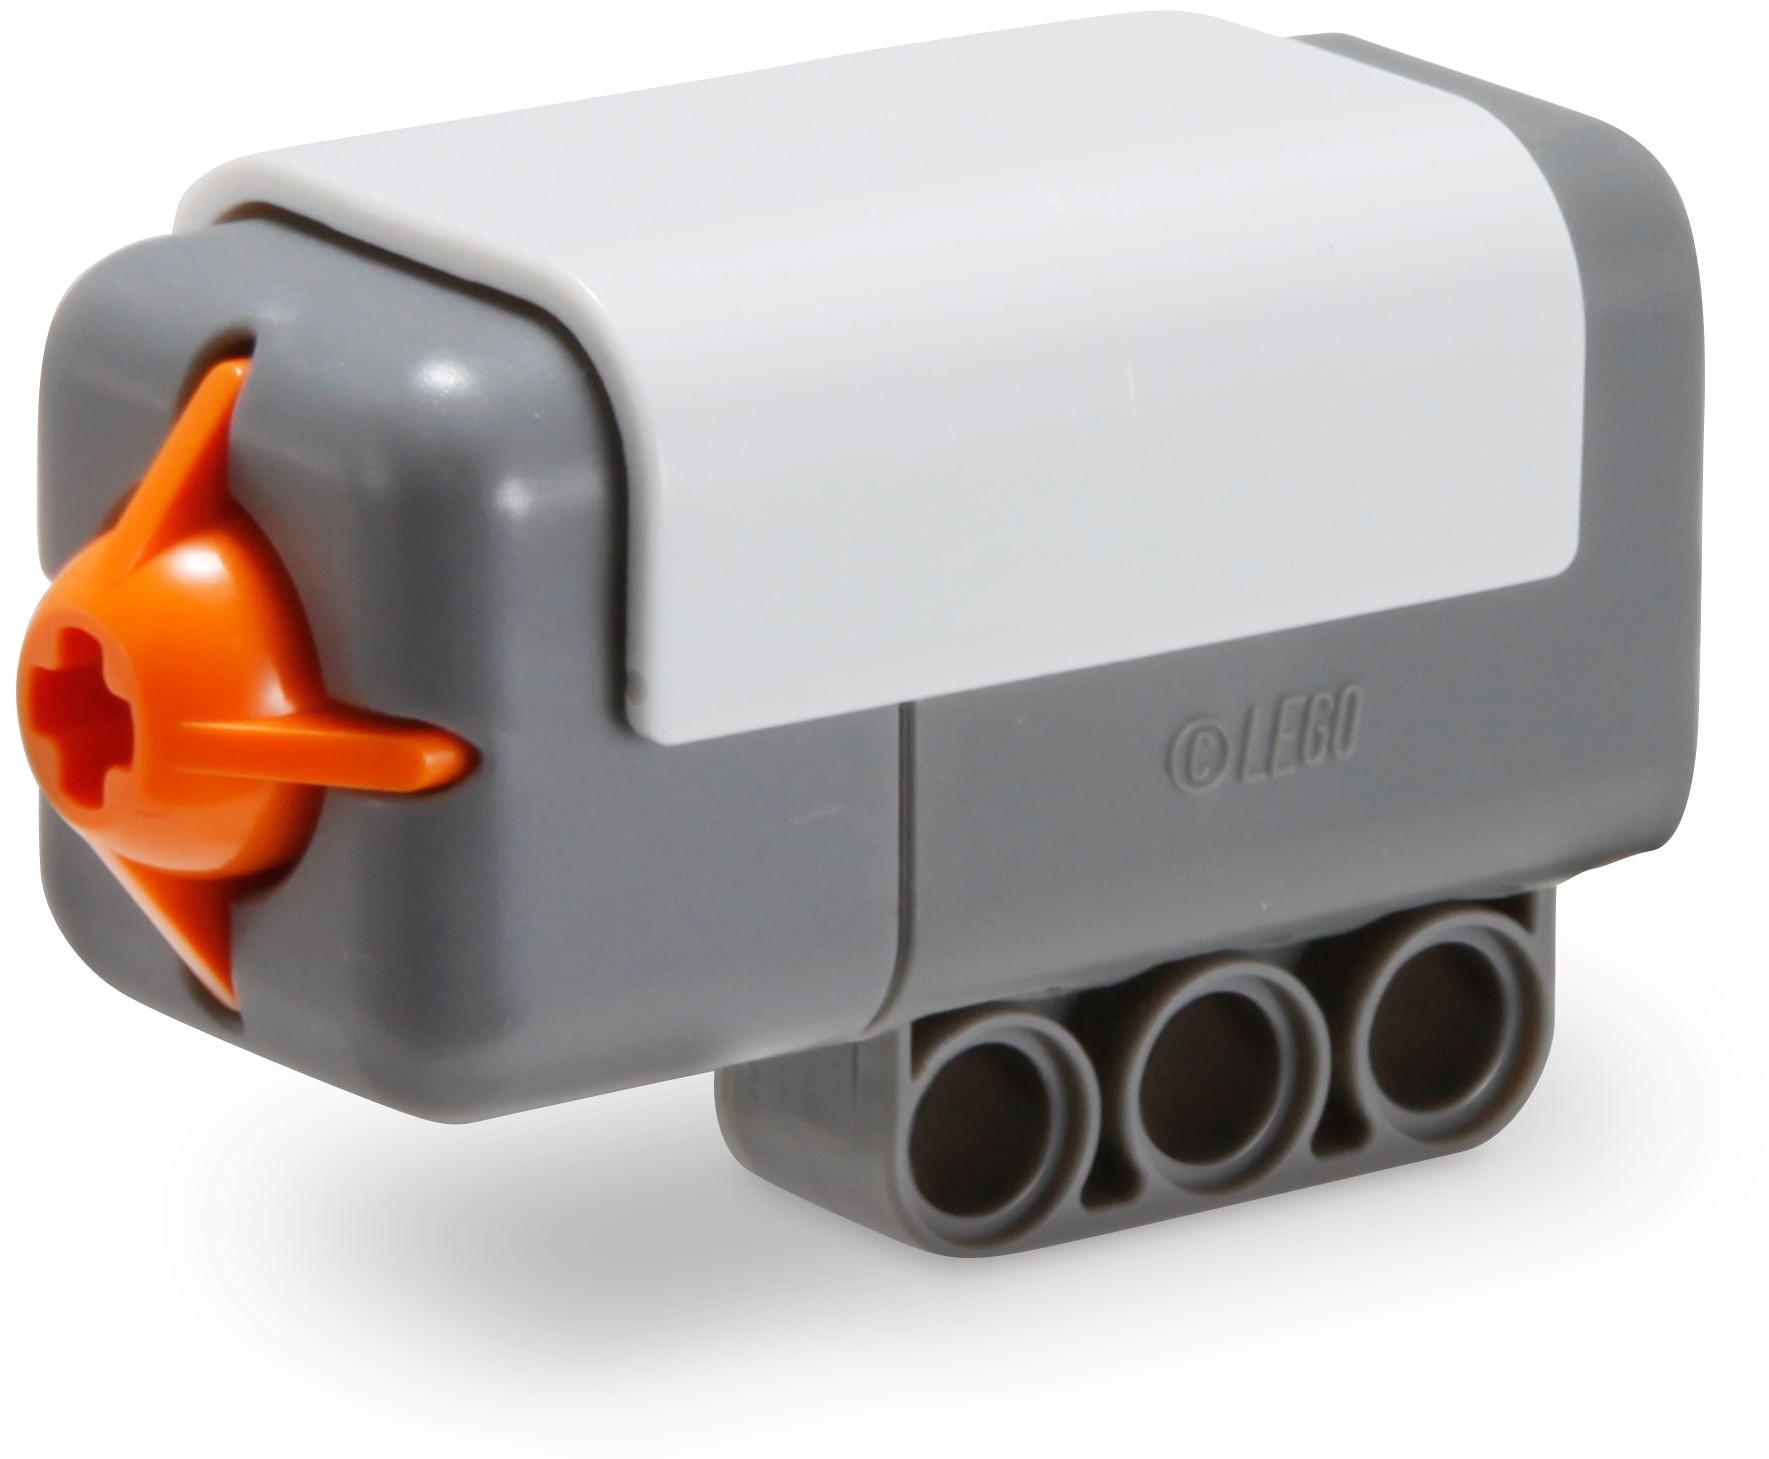 NXT Touch Sensor